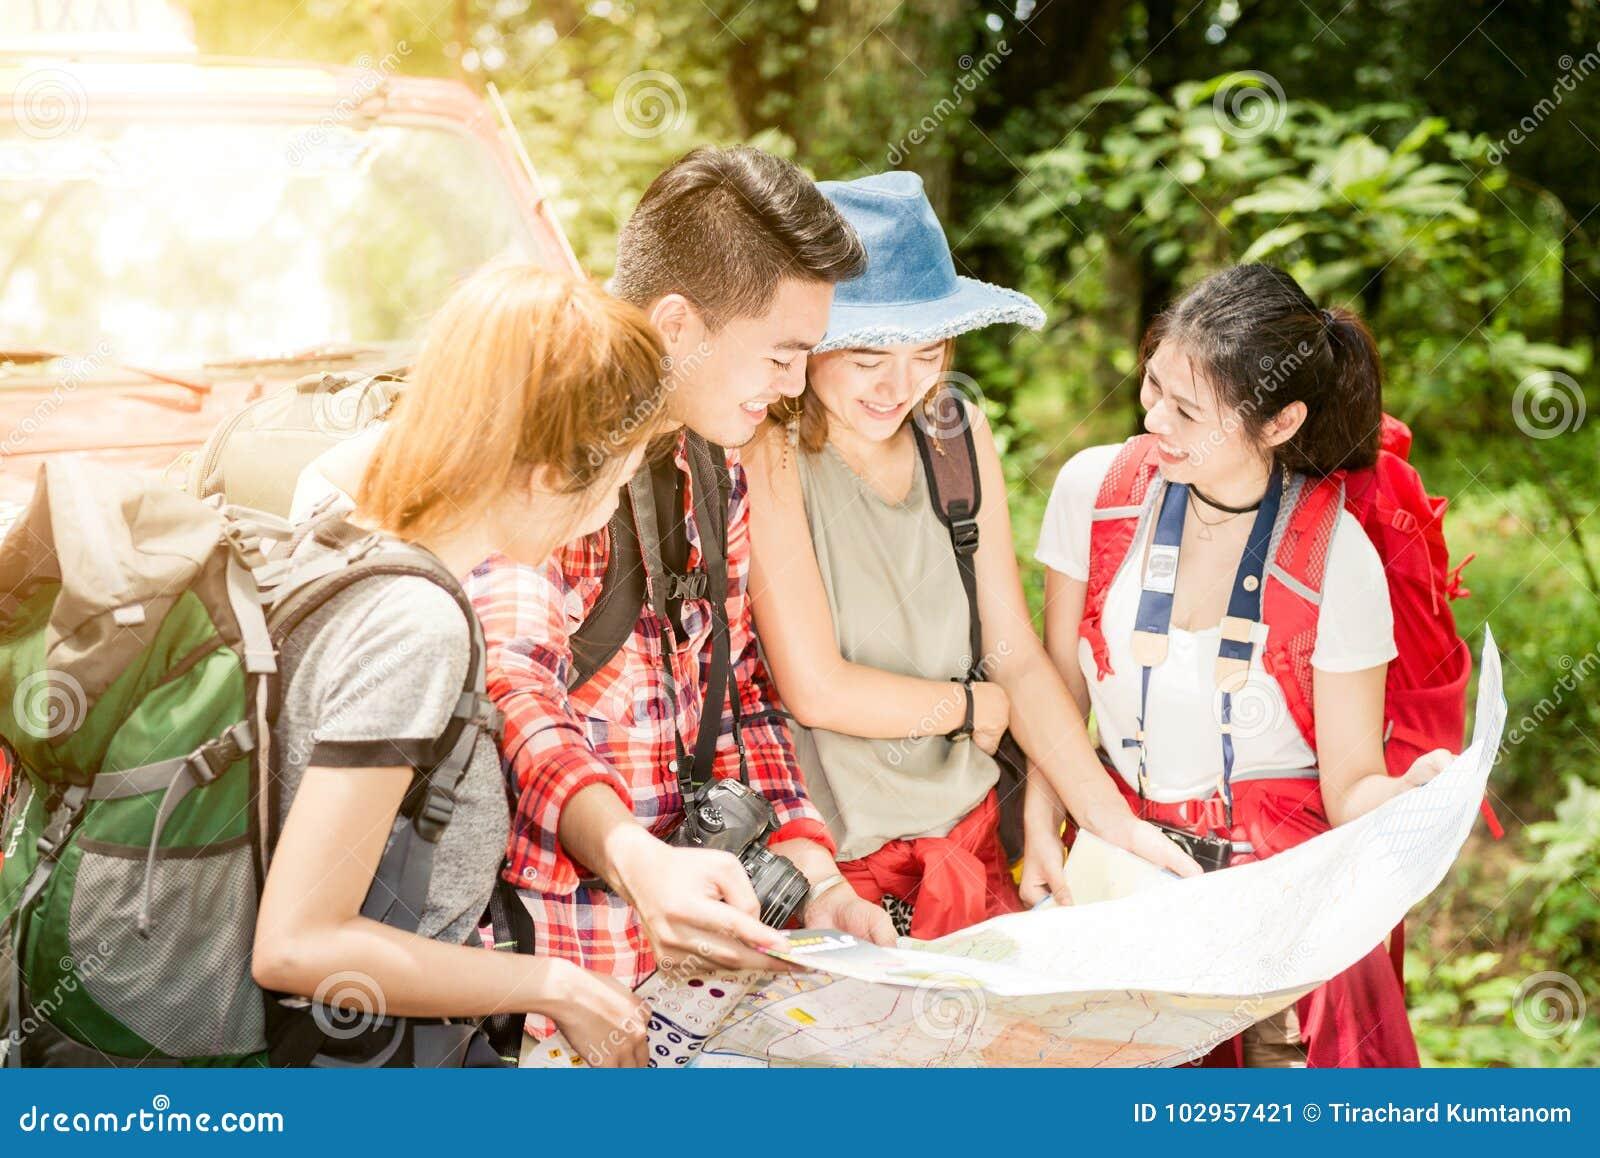 Wandern - Wanderer, die Karte betrachten Paare oder Freunde, die zusammen draußen lächeln glücklich während der kampierenden Reis